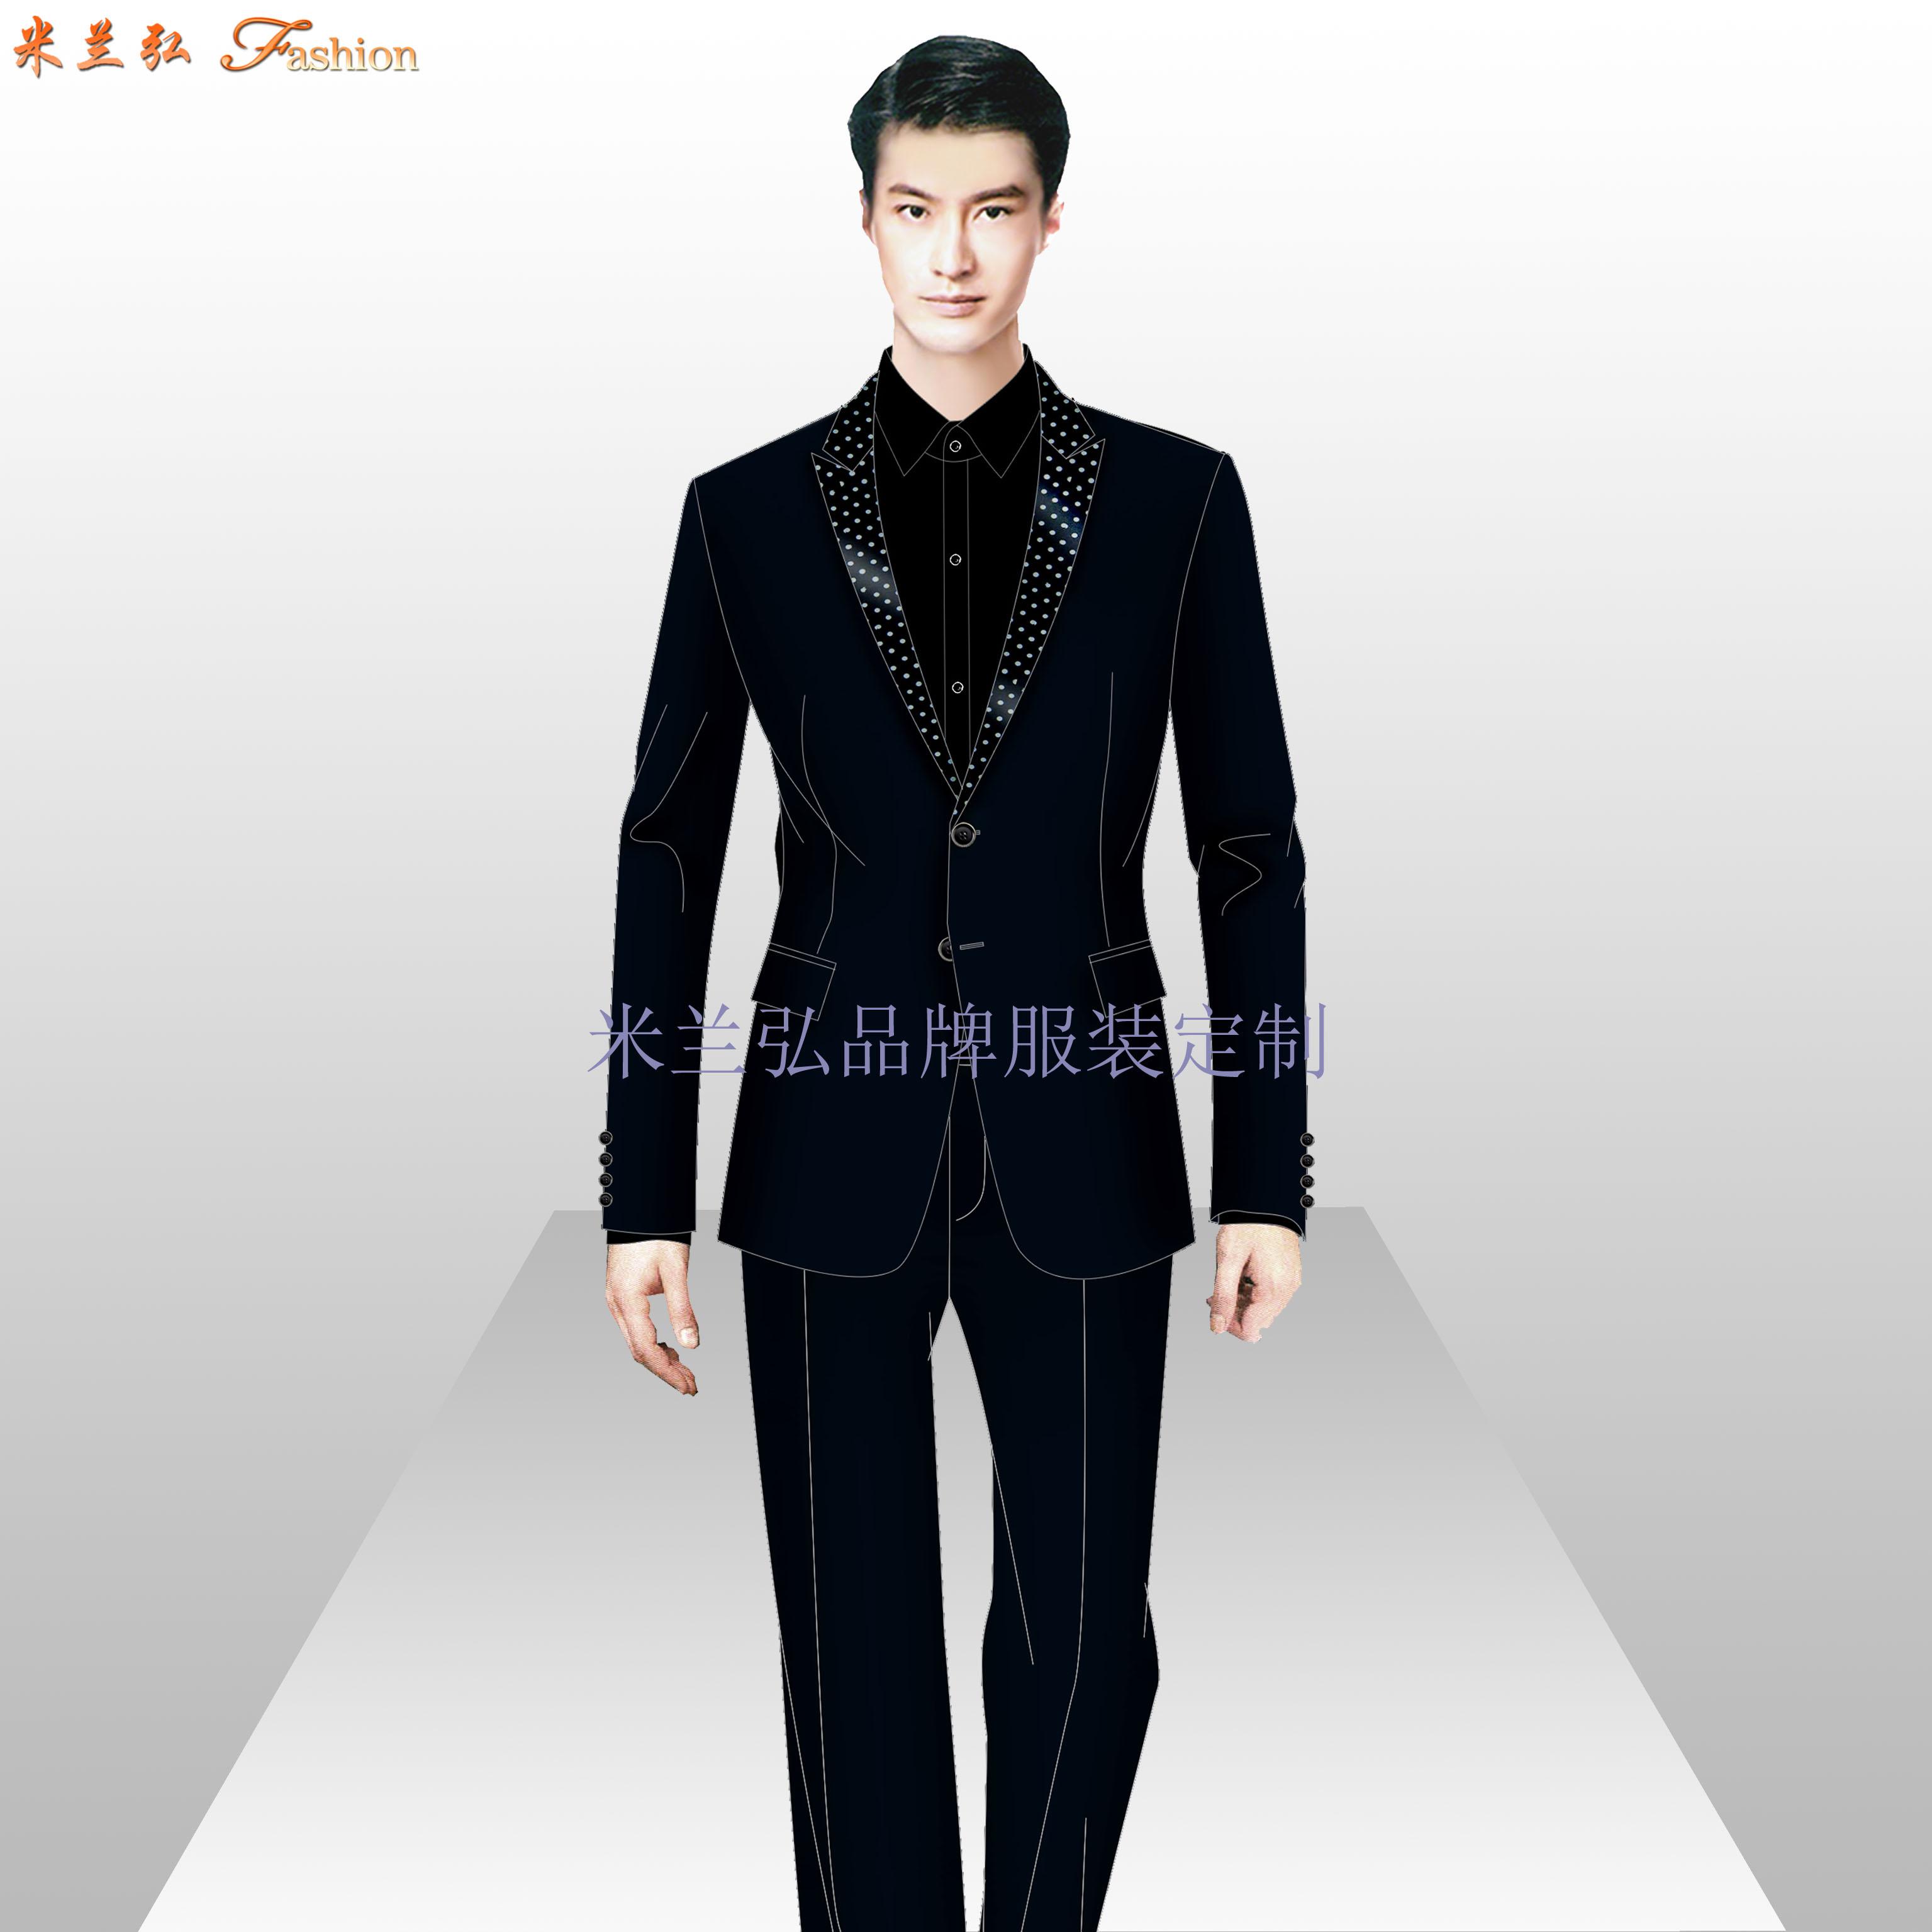 房山區西服定制_北京房山職業裝訂做-米蘭弘服裝廠家-5